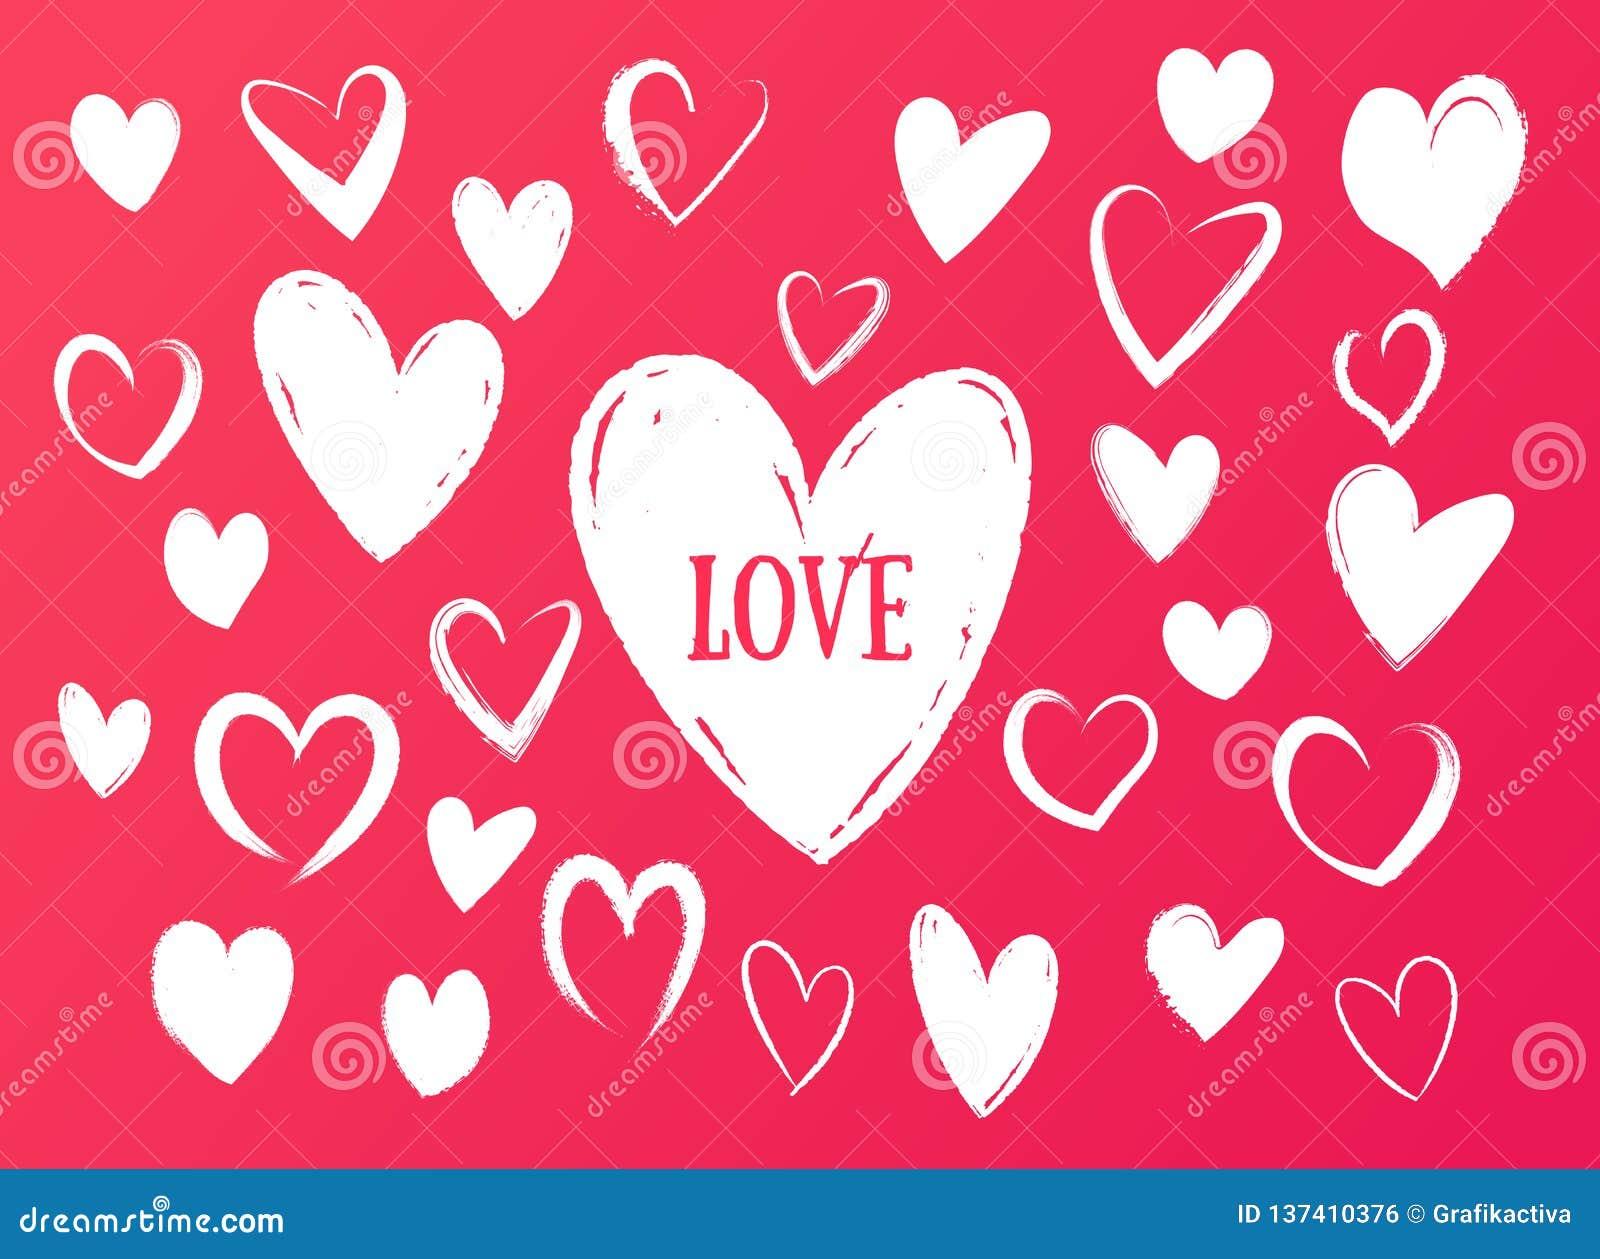 Dibujos De Corazones De Amor A Lapiz Corazones De Amor A Lápiz